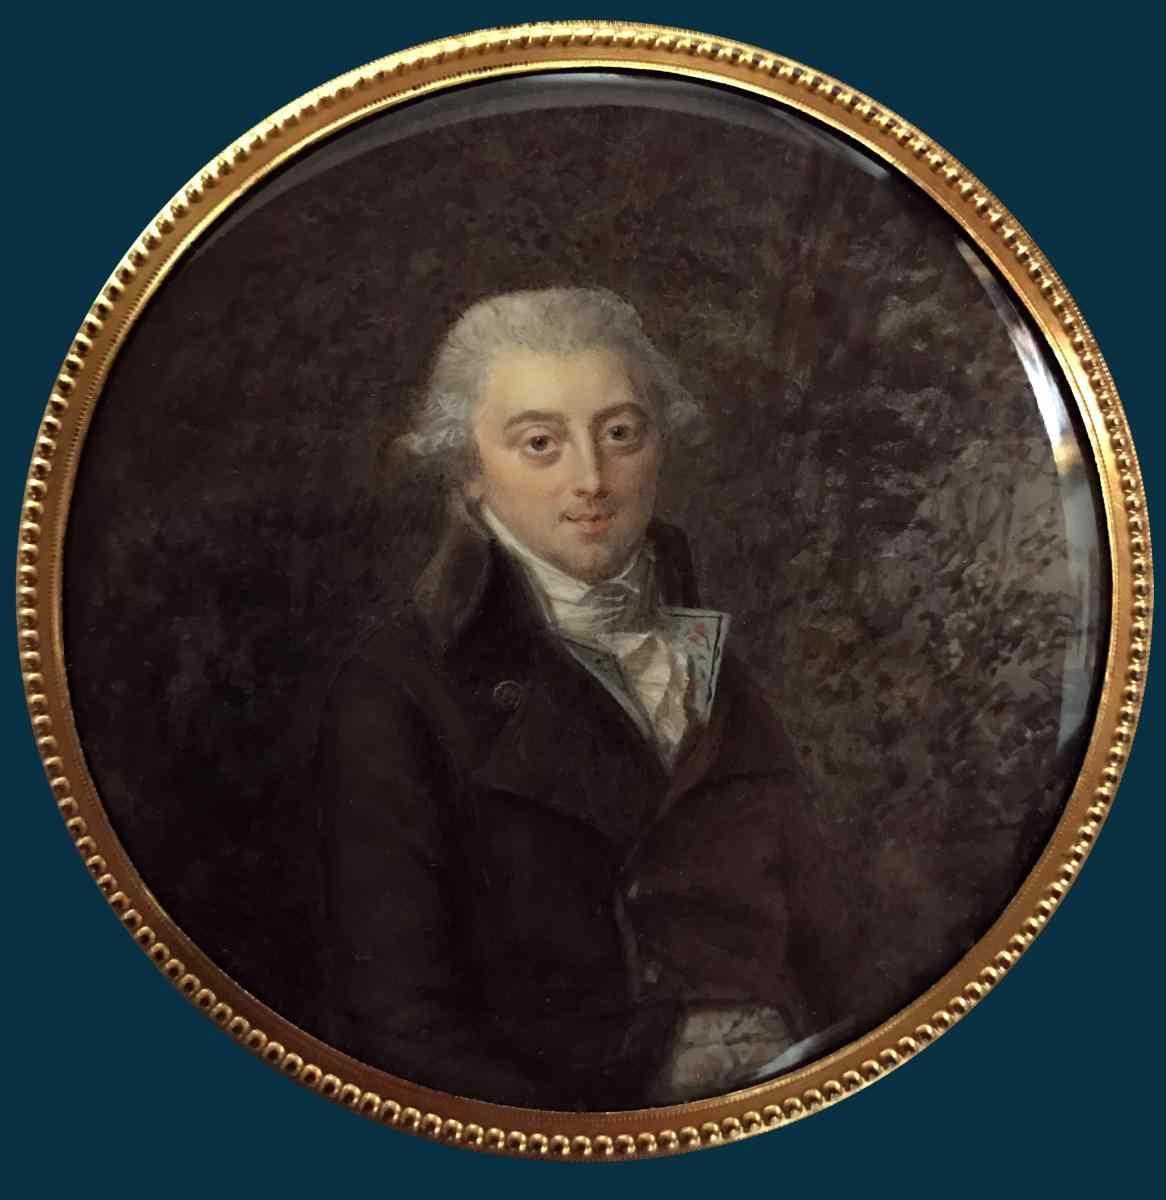 Perin-Salbreux, Portrait d'un homme, miniature